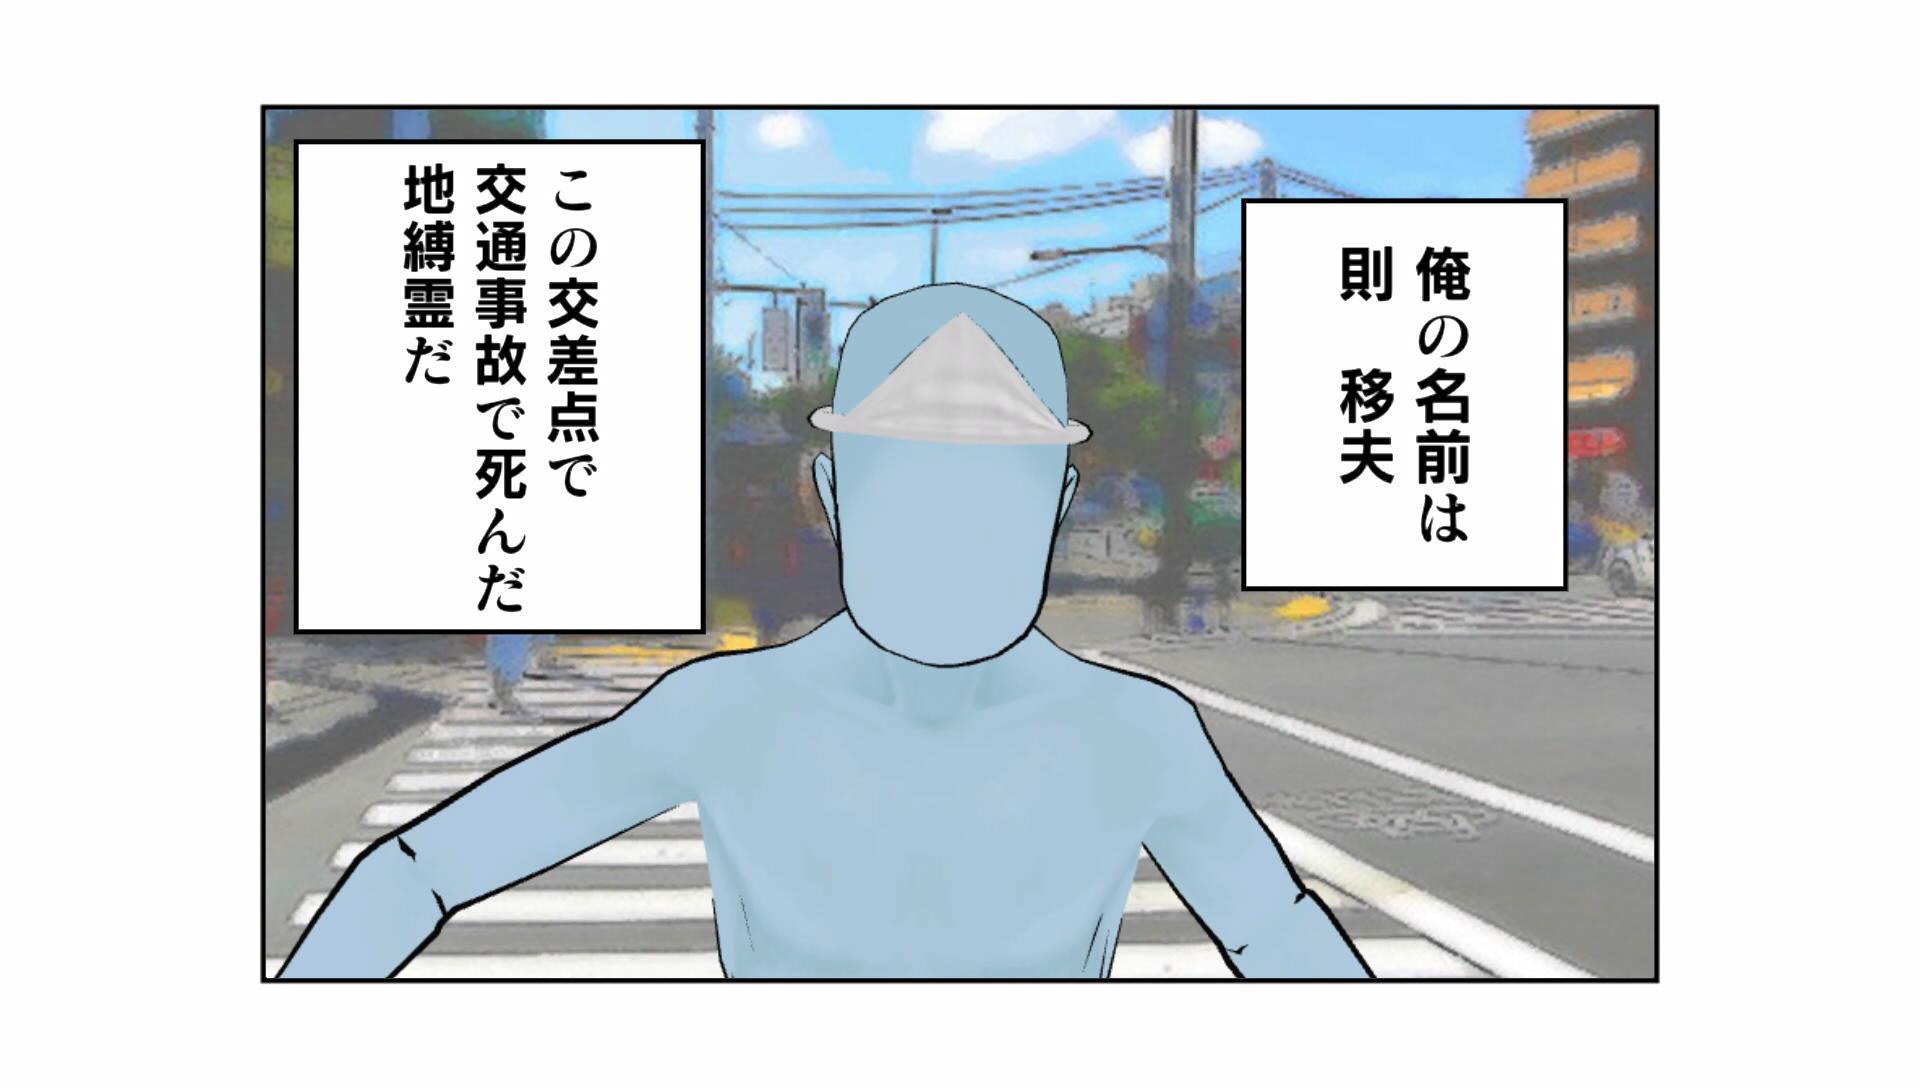 frame-0.jpeg